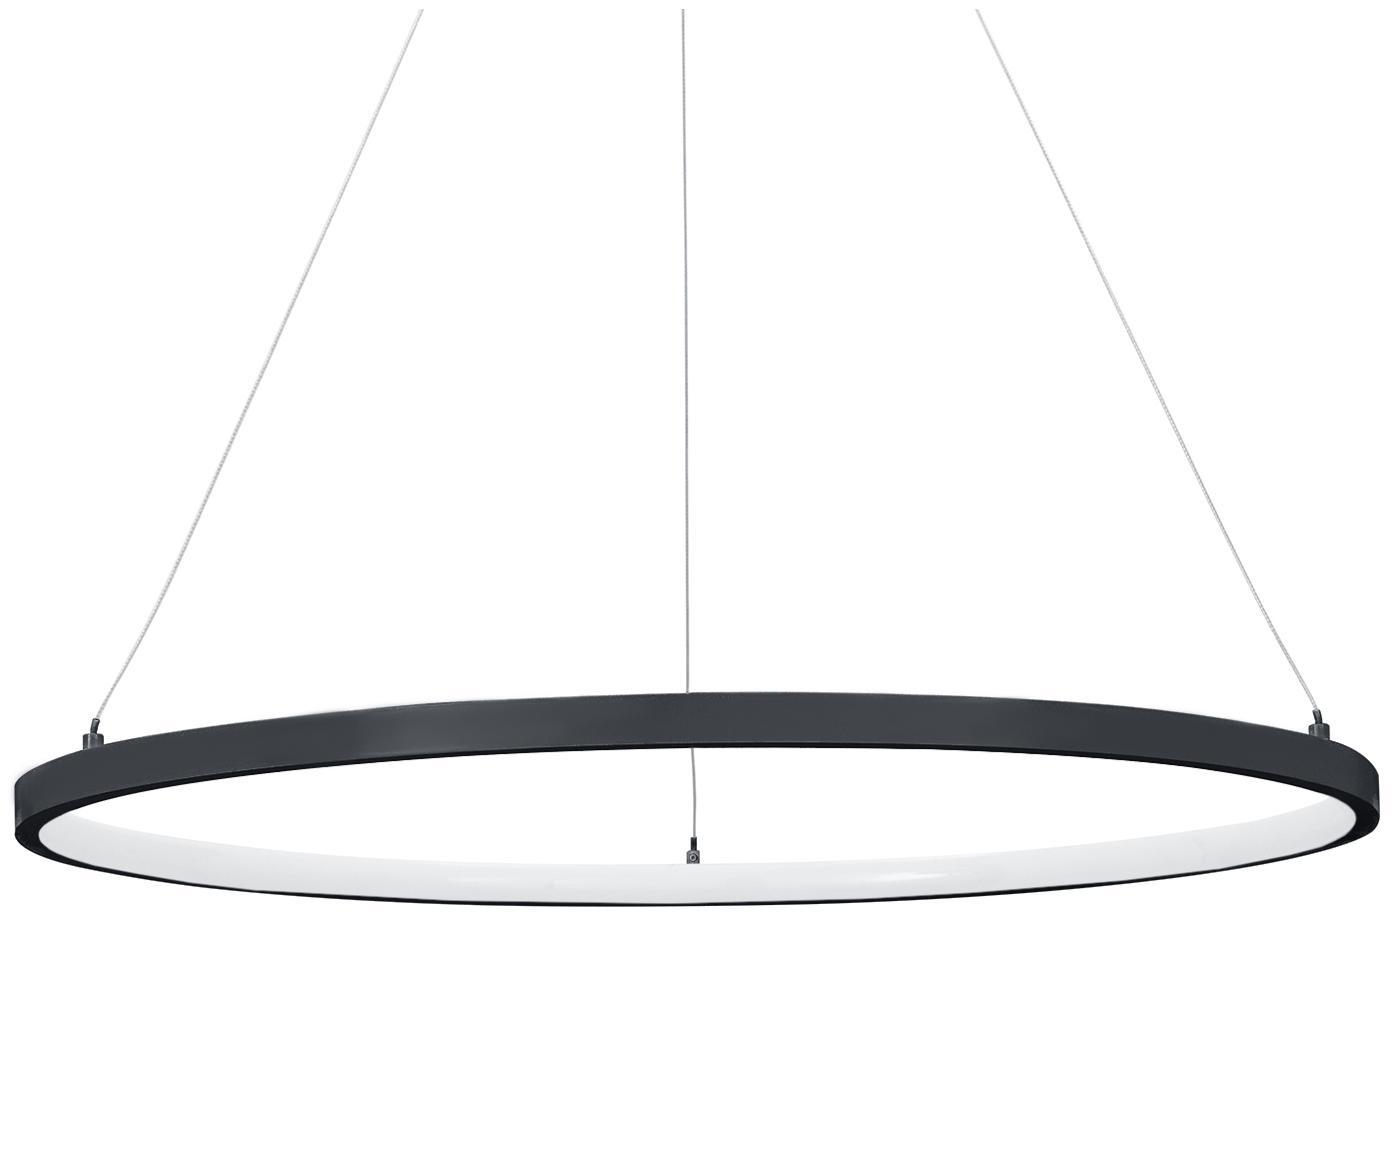 LED hanglamp Jay, Baldakijn: gepoedercoat aluminium, Lampenkap: gepoedercoat aluminium, k, Baldakijn: mat zwart. Lampenkap: mat zwart. Snoer: zilverkleurig, Ø 60 x H 150 cm